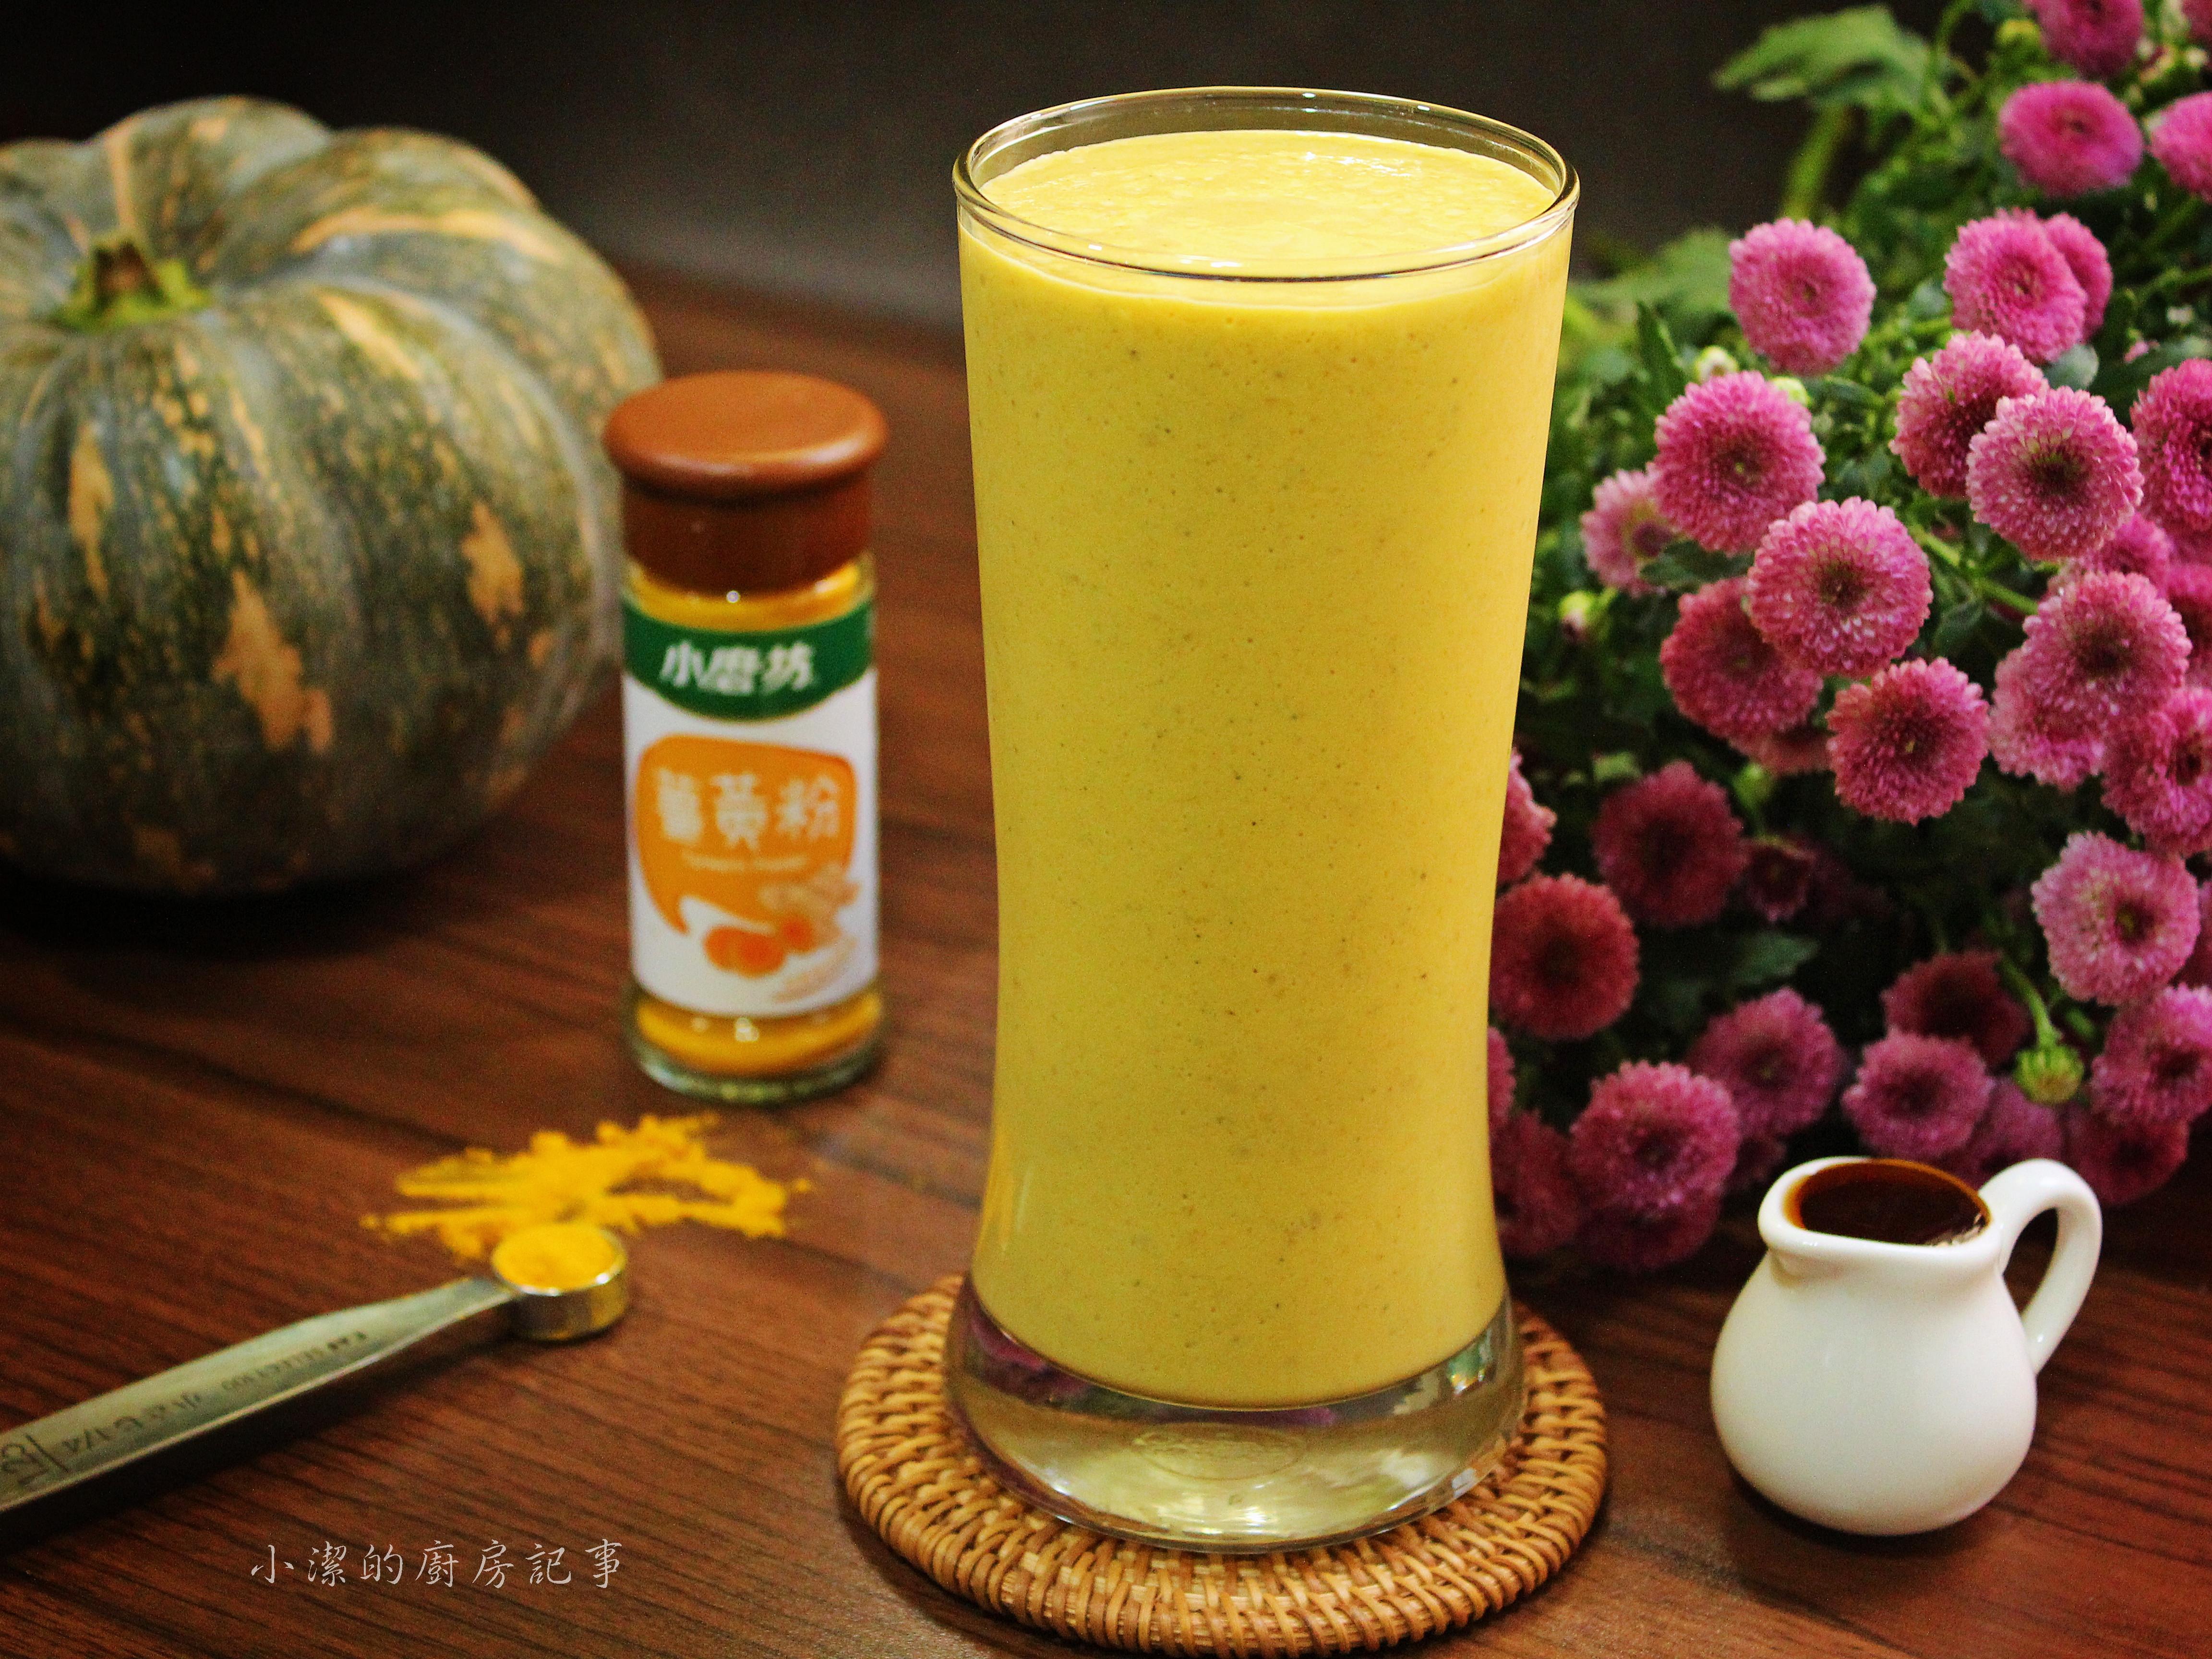 薑黃南瓜牛奶